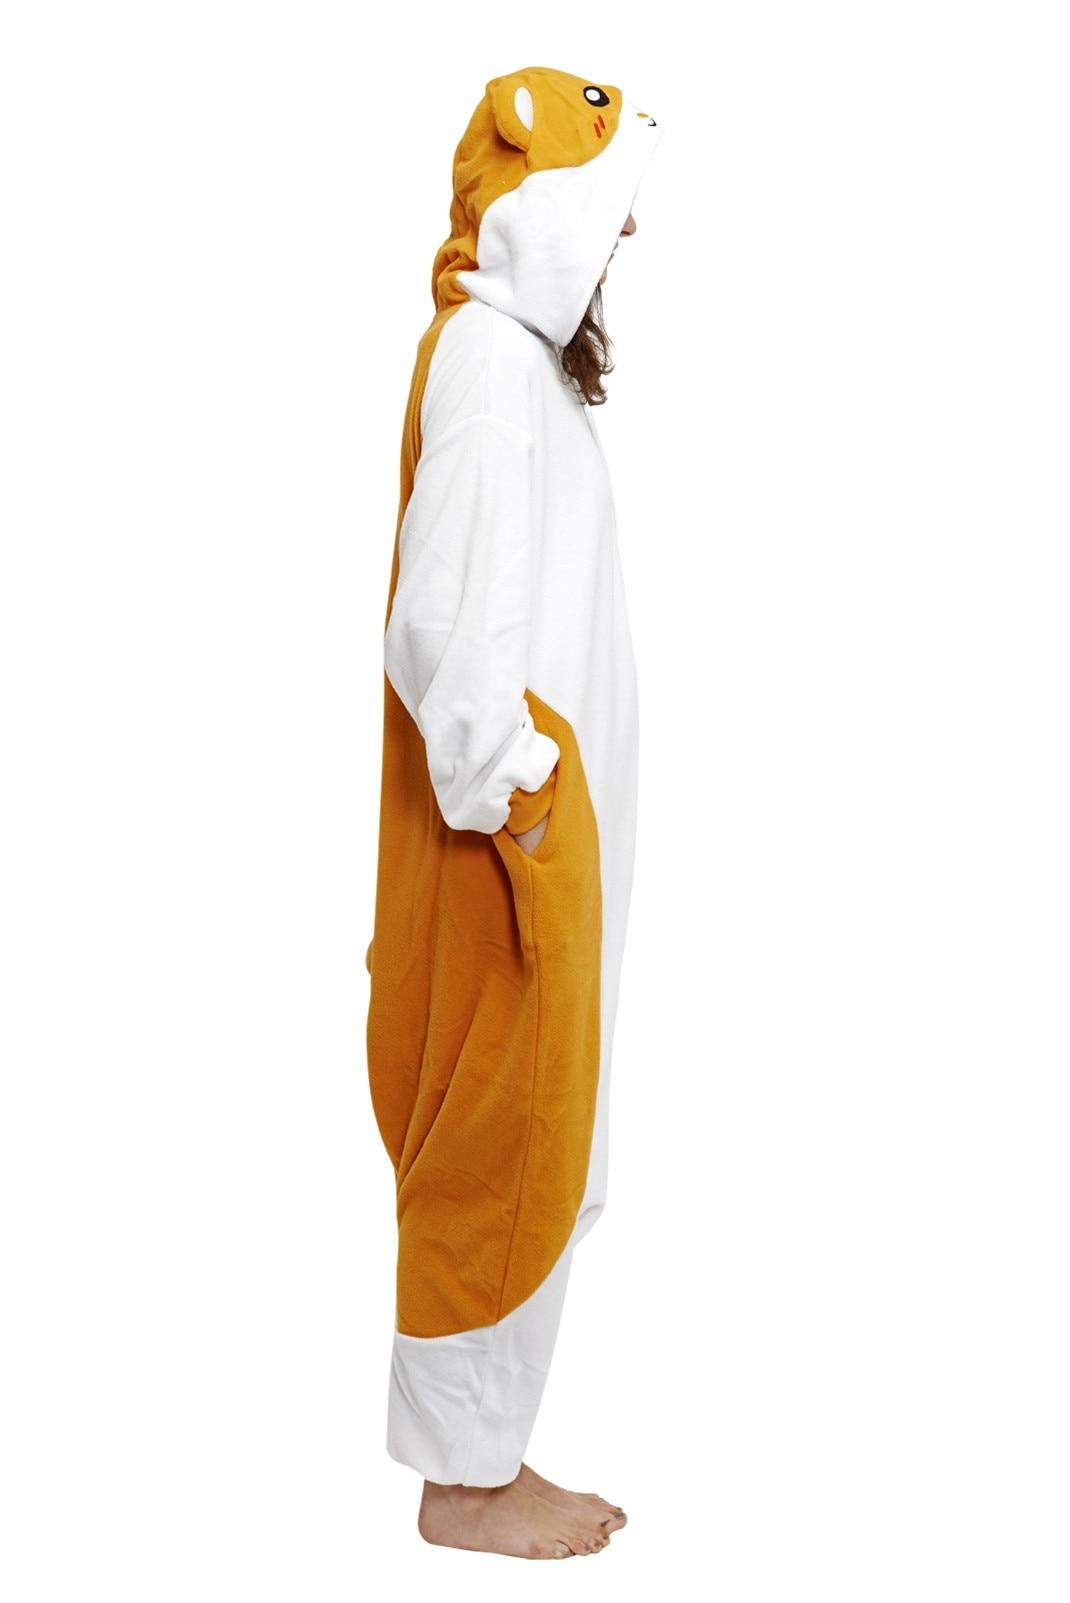 Image 4 - BIKIRUB Hamtaro/Пижама с хомяком для взрослых; флисовая Пижама с капюшоном; одежда для сна; коллекция 2019 года; женские пижамные комплекты с милыми животными из мультфильмов; зимняя домашняя одежда-in Комплекты пижам from Нижнее белье и пижамы on AliExpress - 11.11_Double 11_Singles' Day